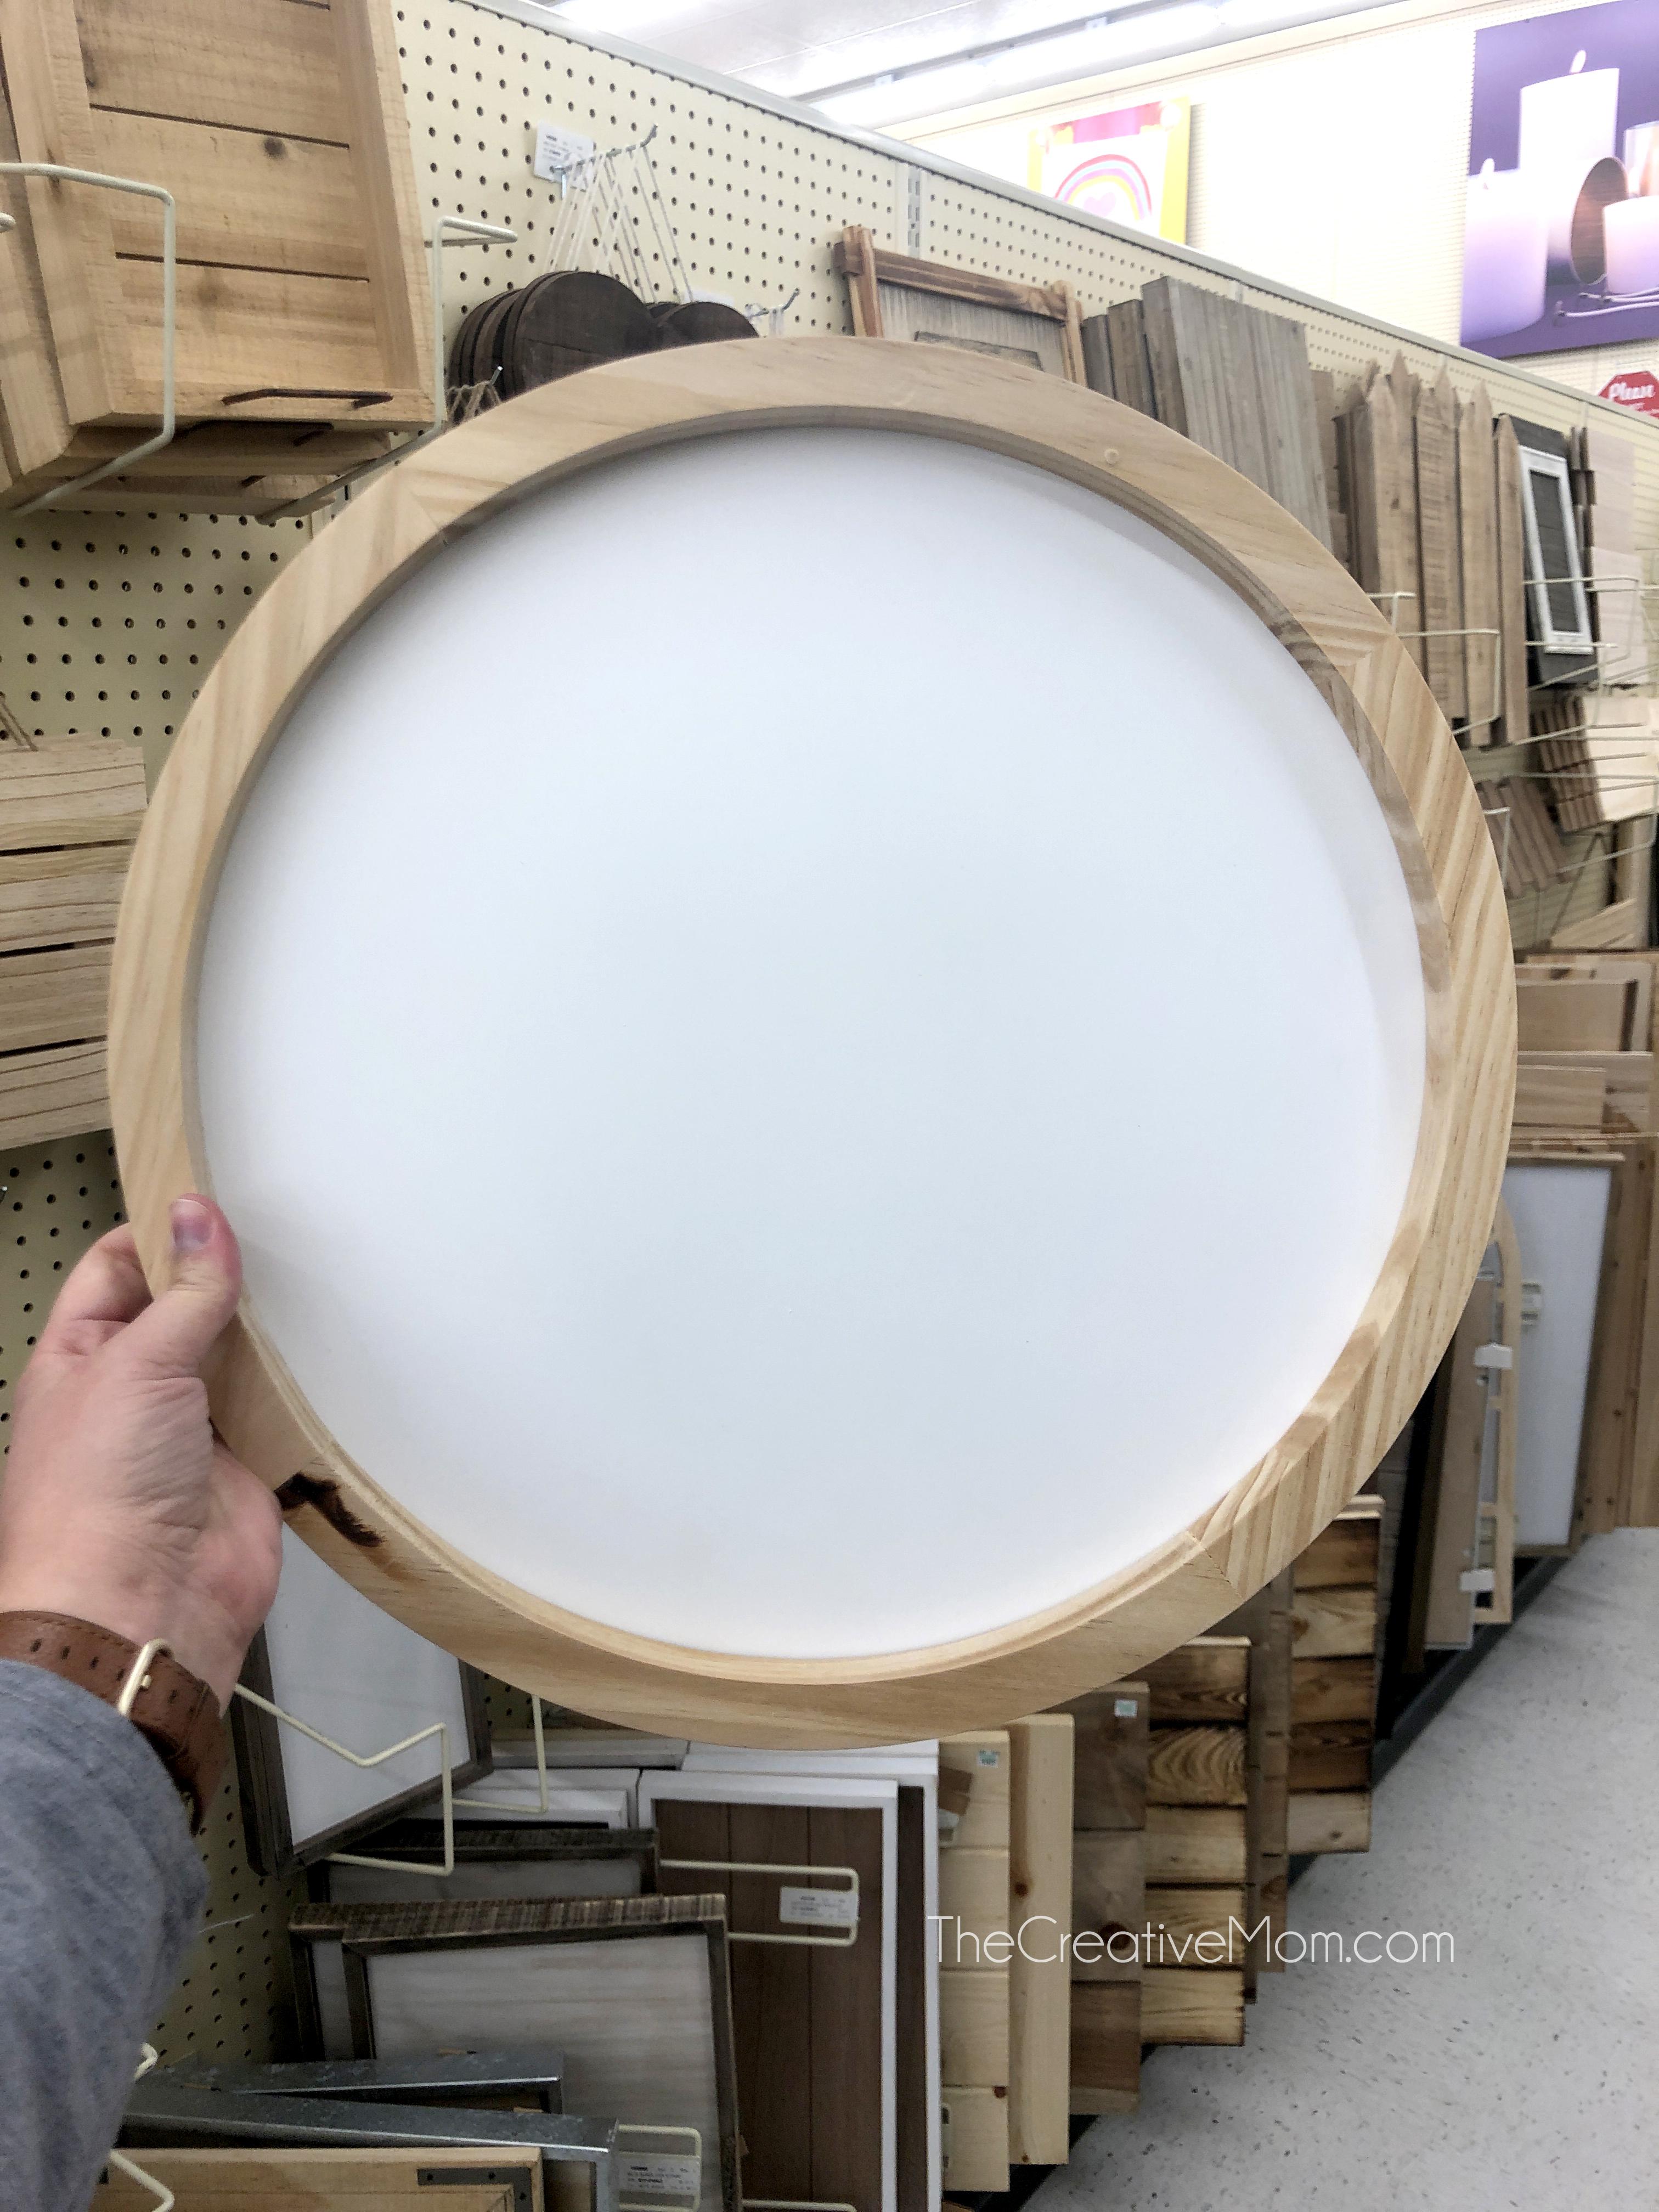 blank round sign